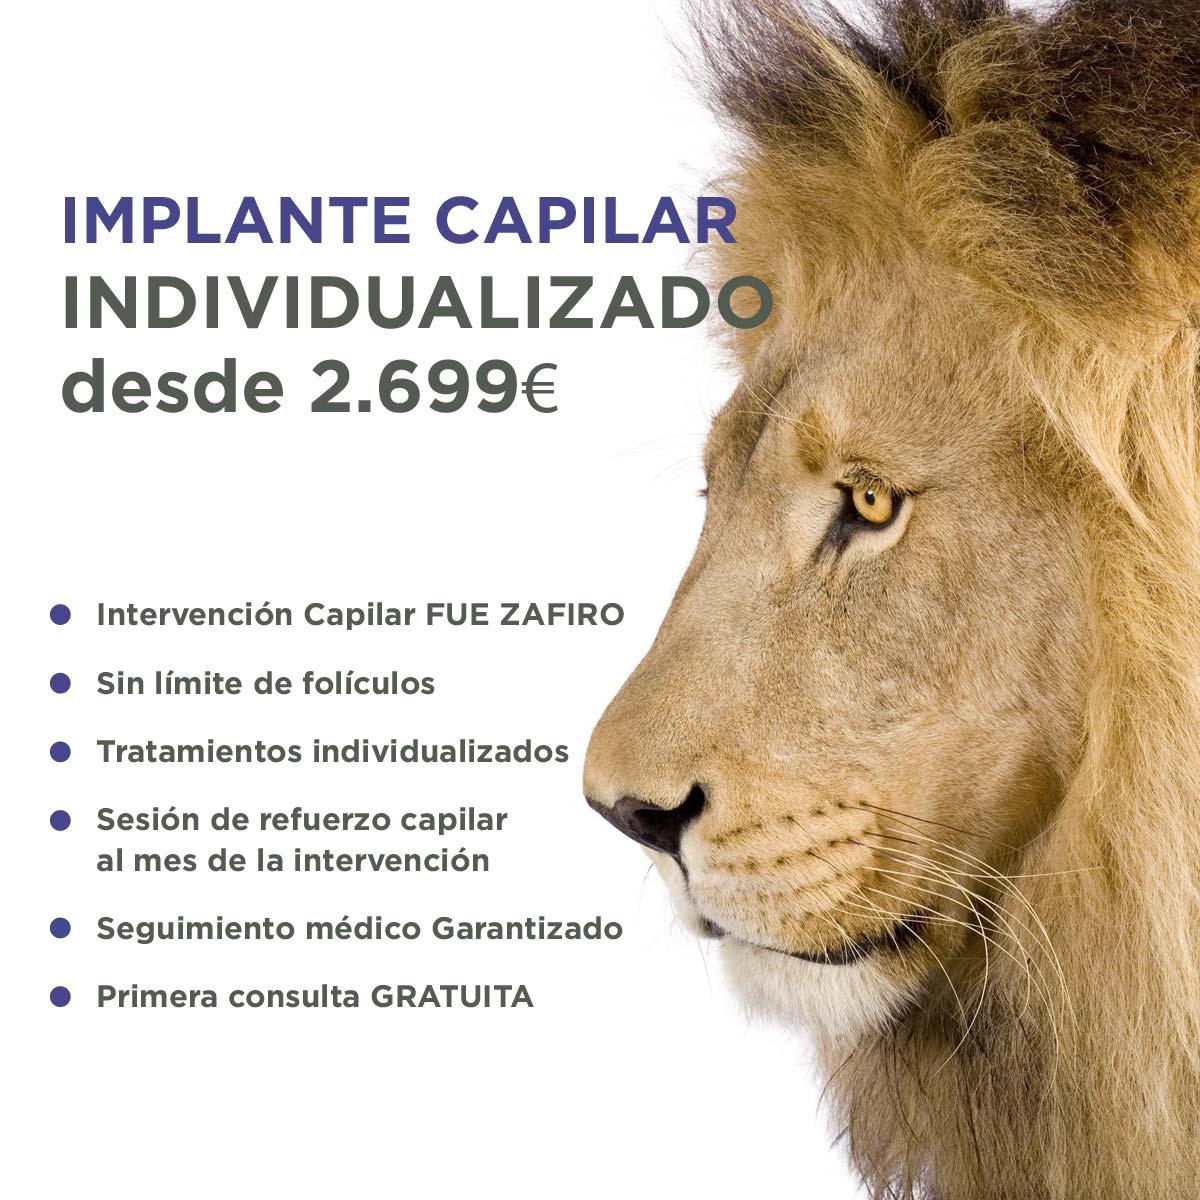 Implante Capilar FUE Zafiro Élite Medical Madrid